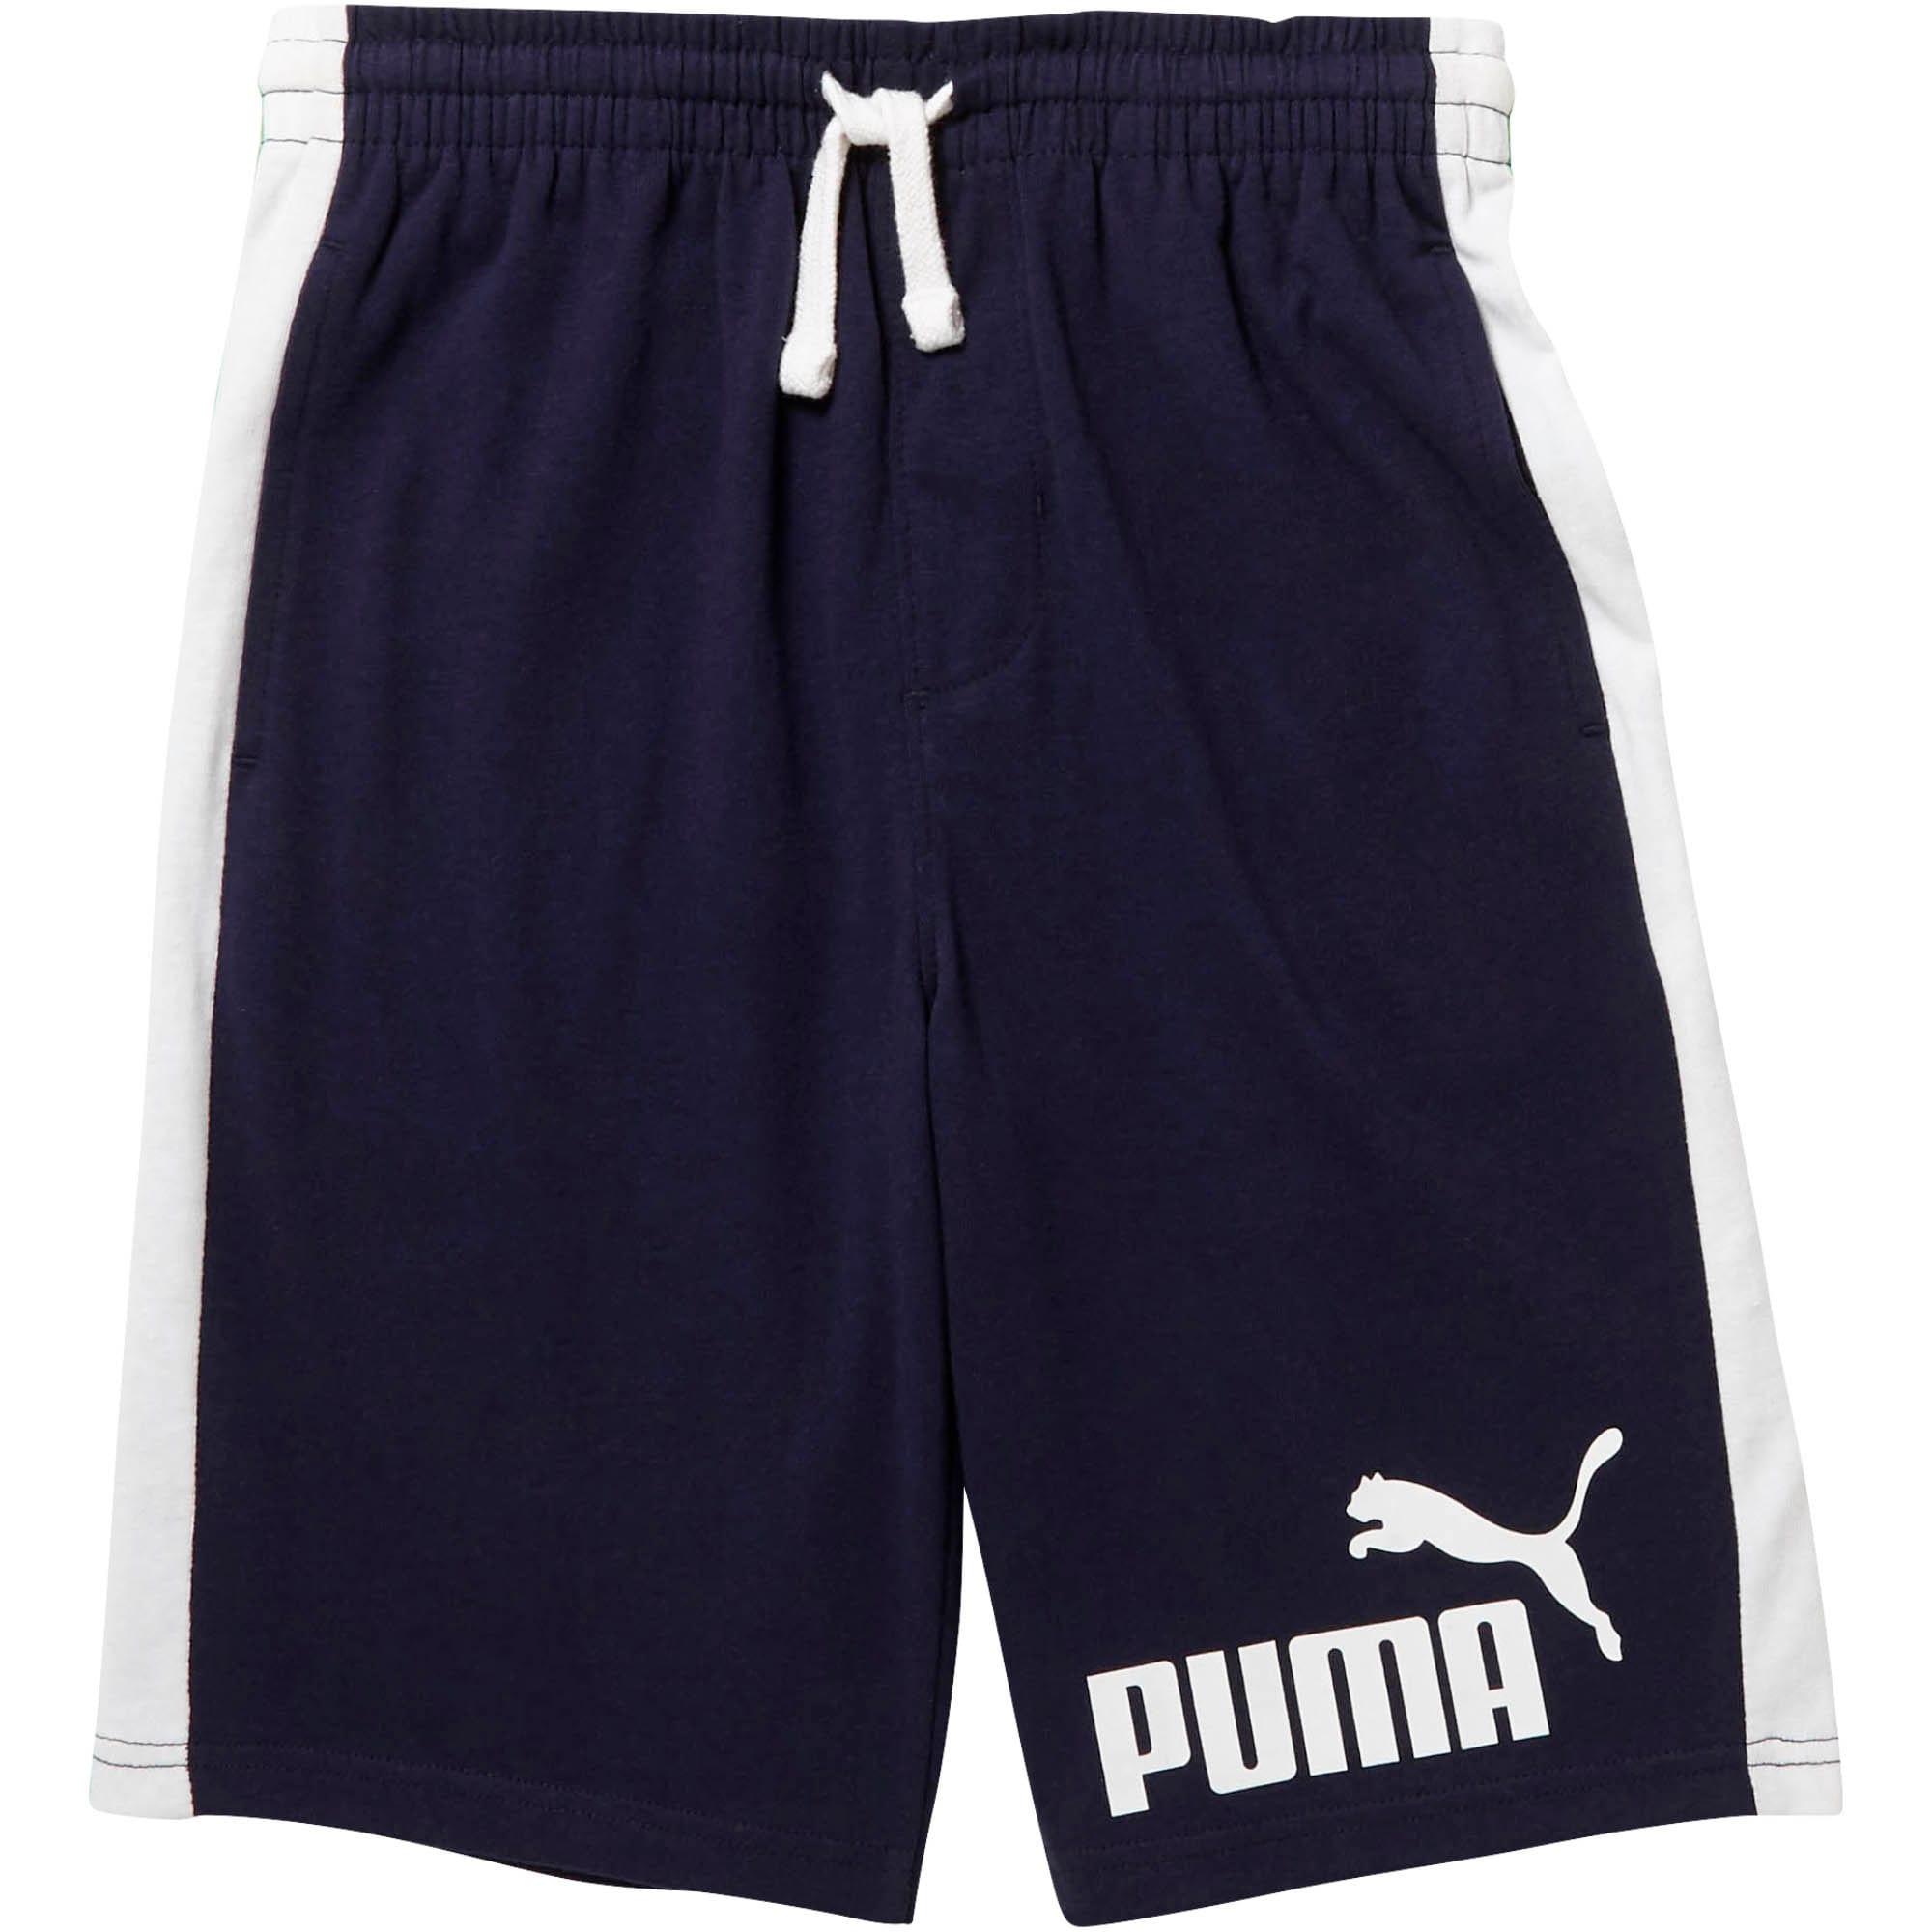 Miniatura 1 de Shorts con retazos Cotton Heavy para niño joven, PEACOAT, mediano